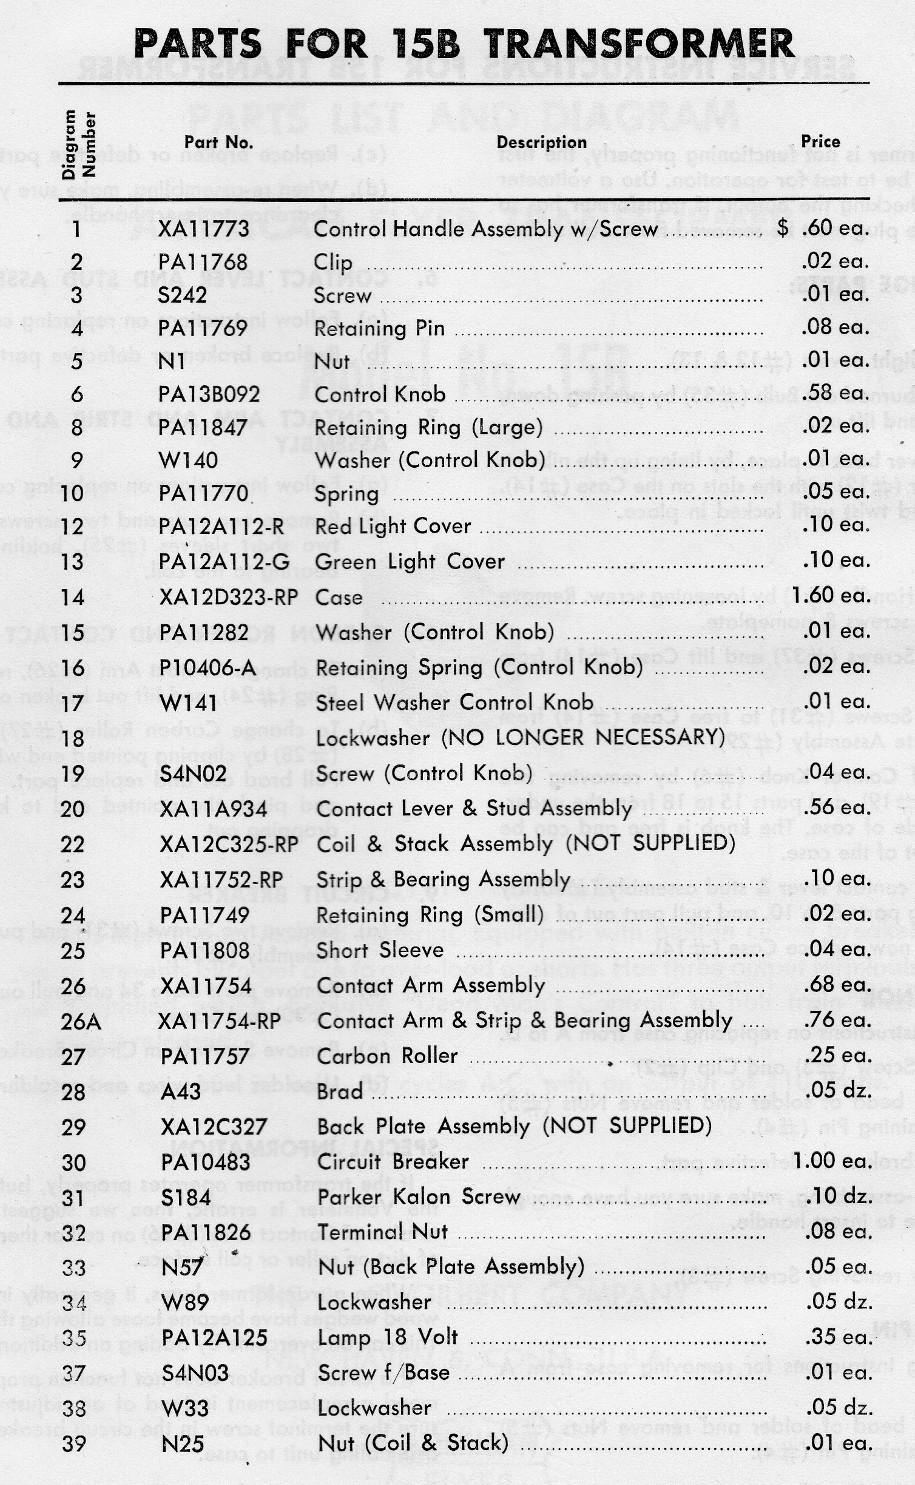 American Flyer Transformer No. 15B Parts List & Diagram - Page 3